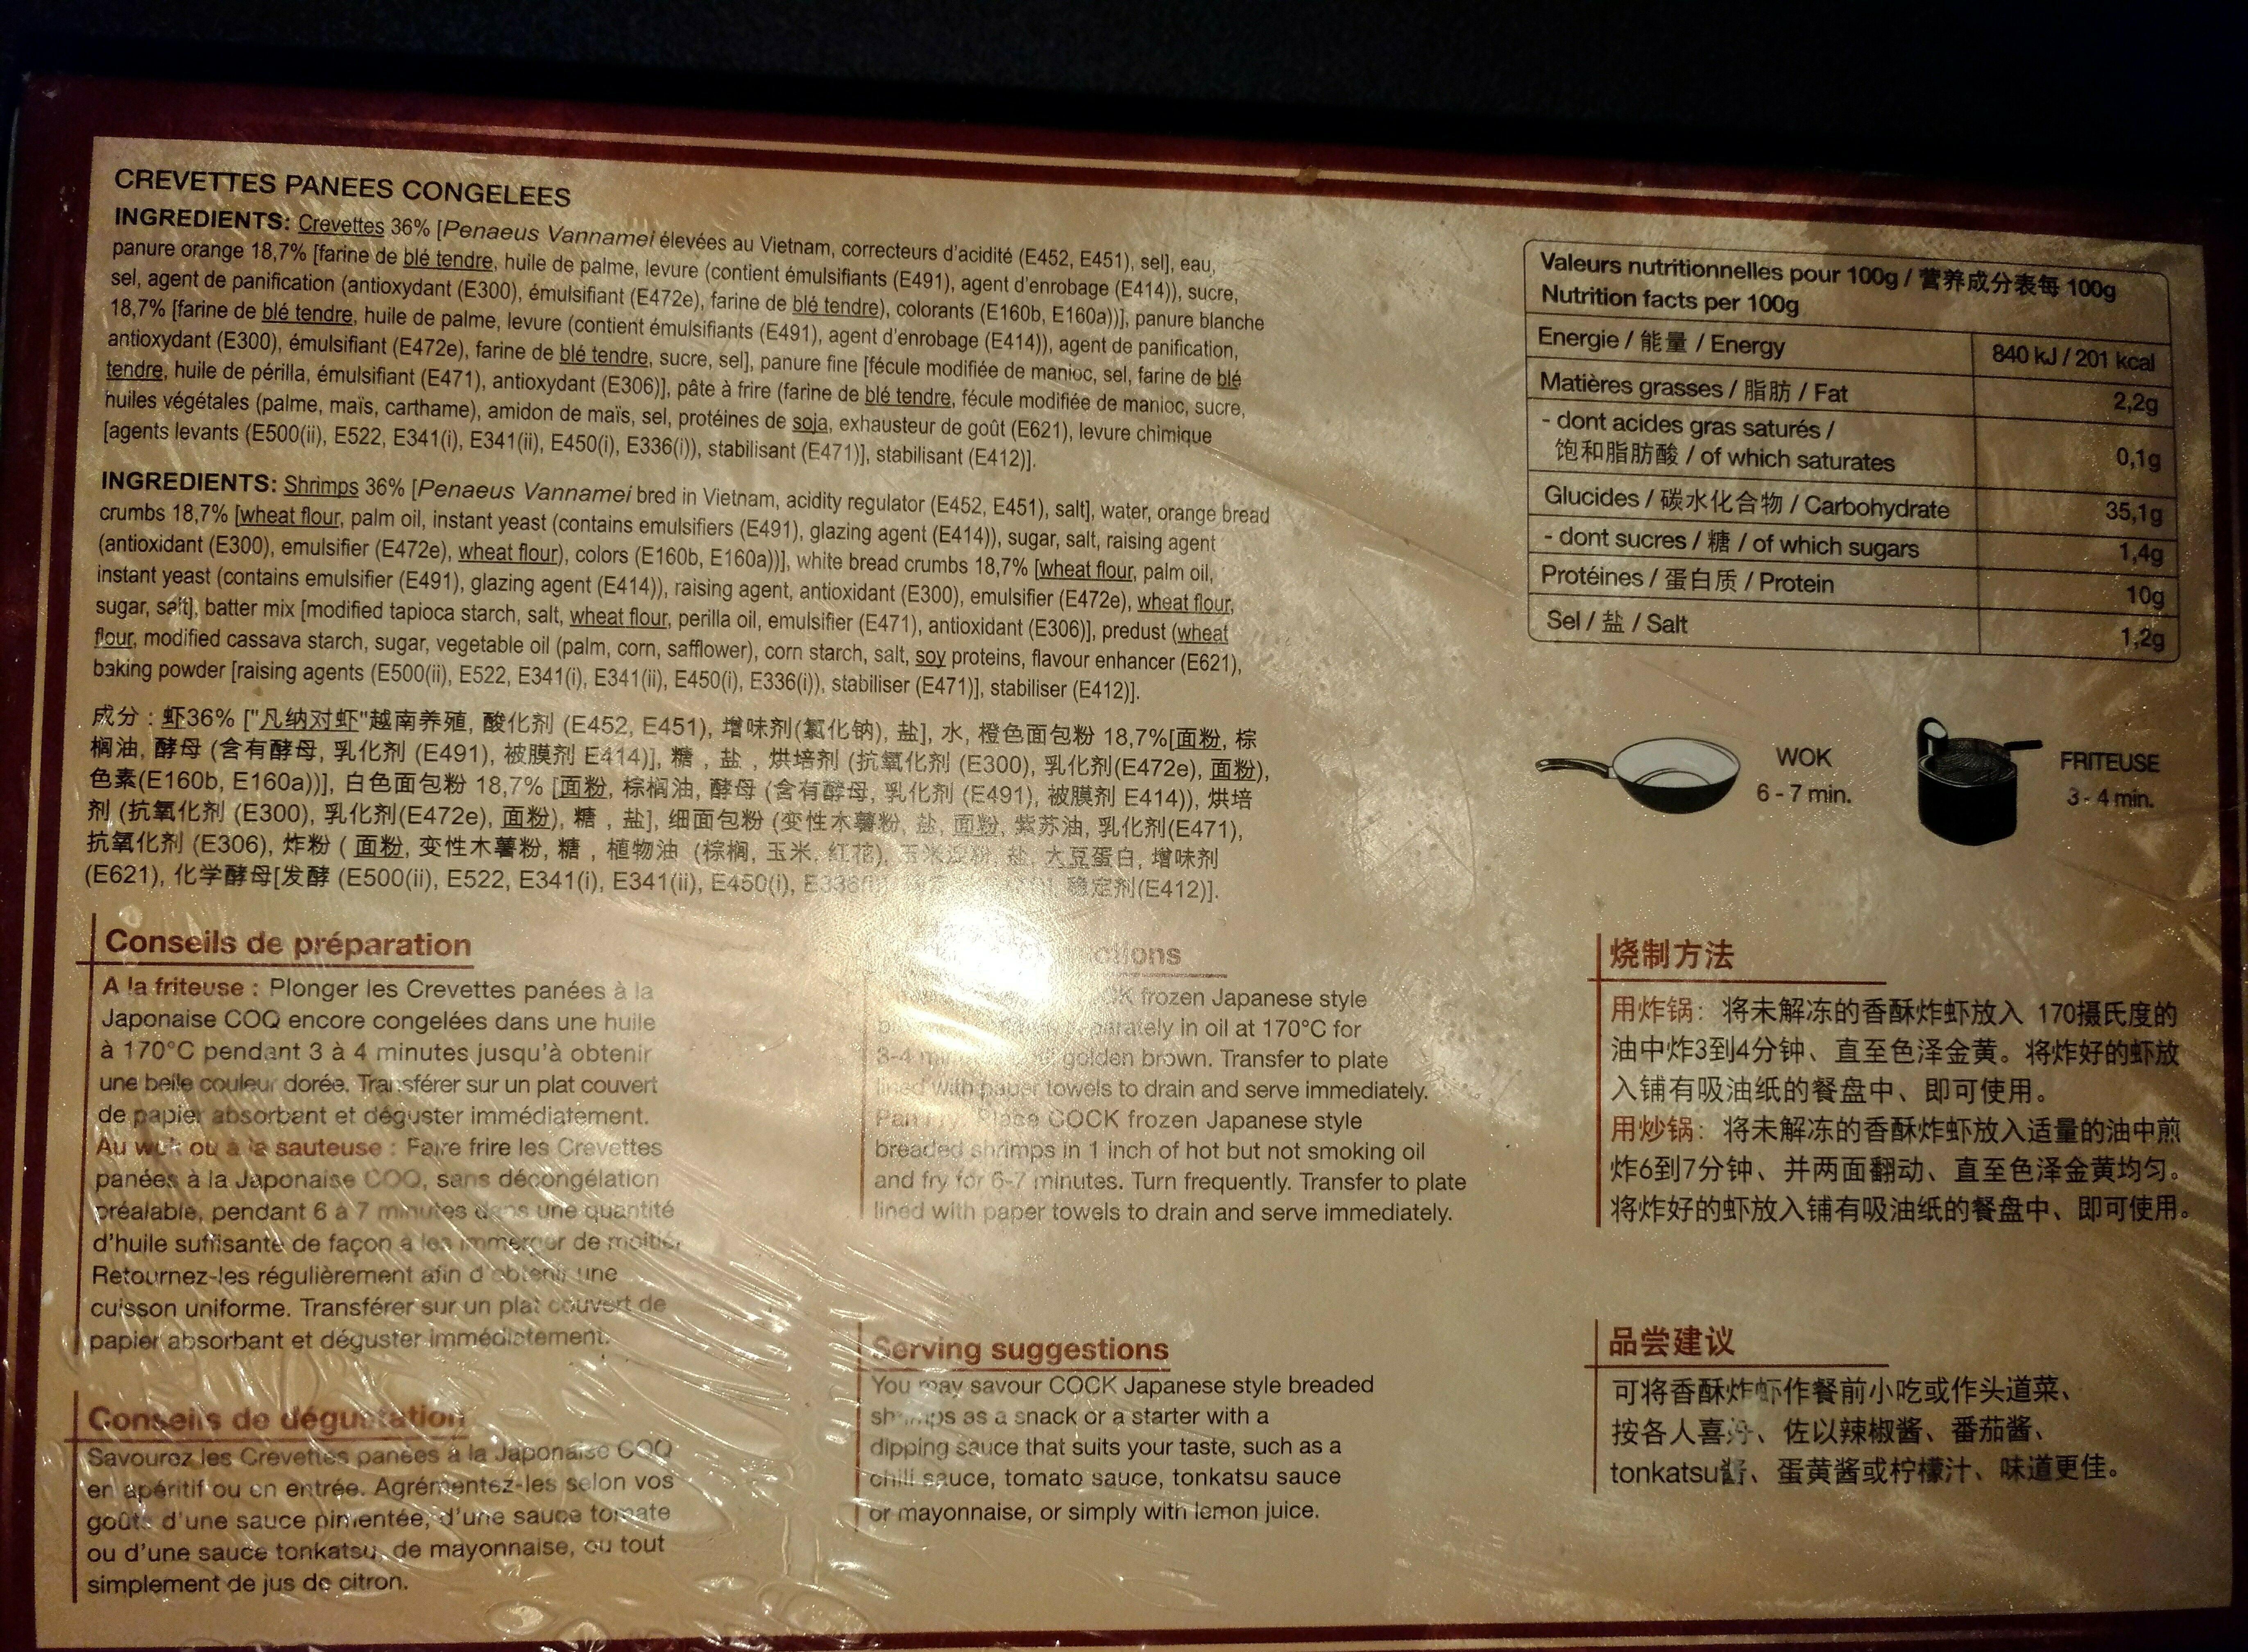 Crevettes panées à la japonaise - Ingrédients